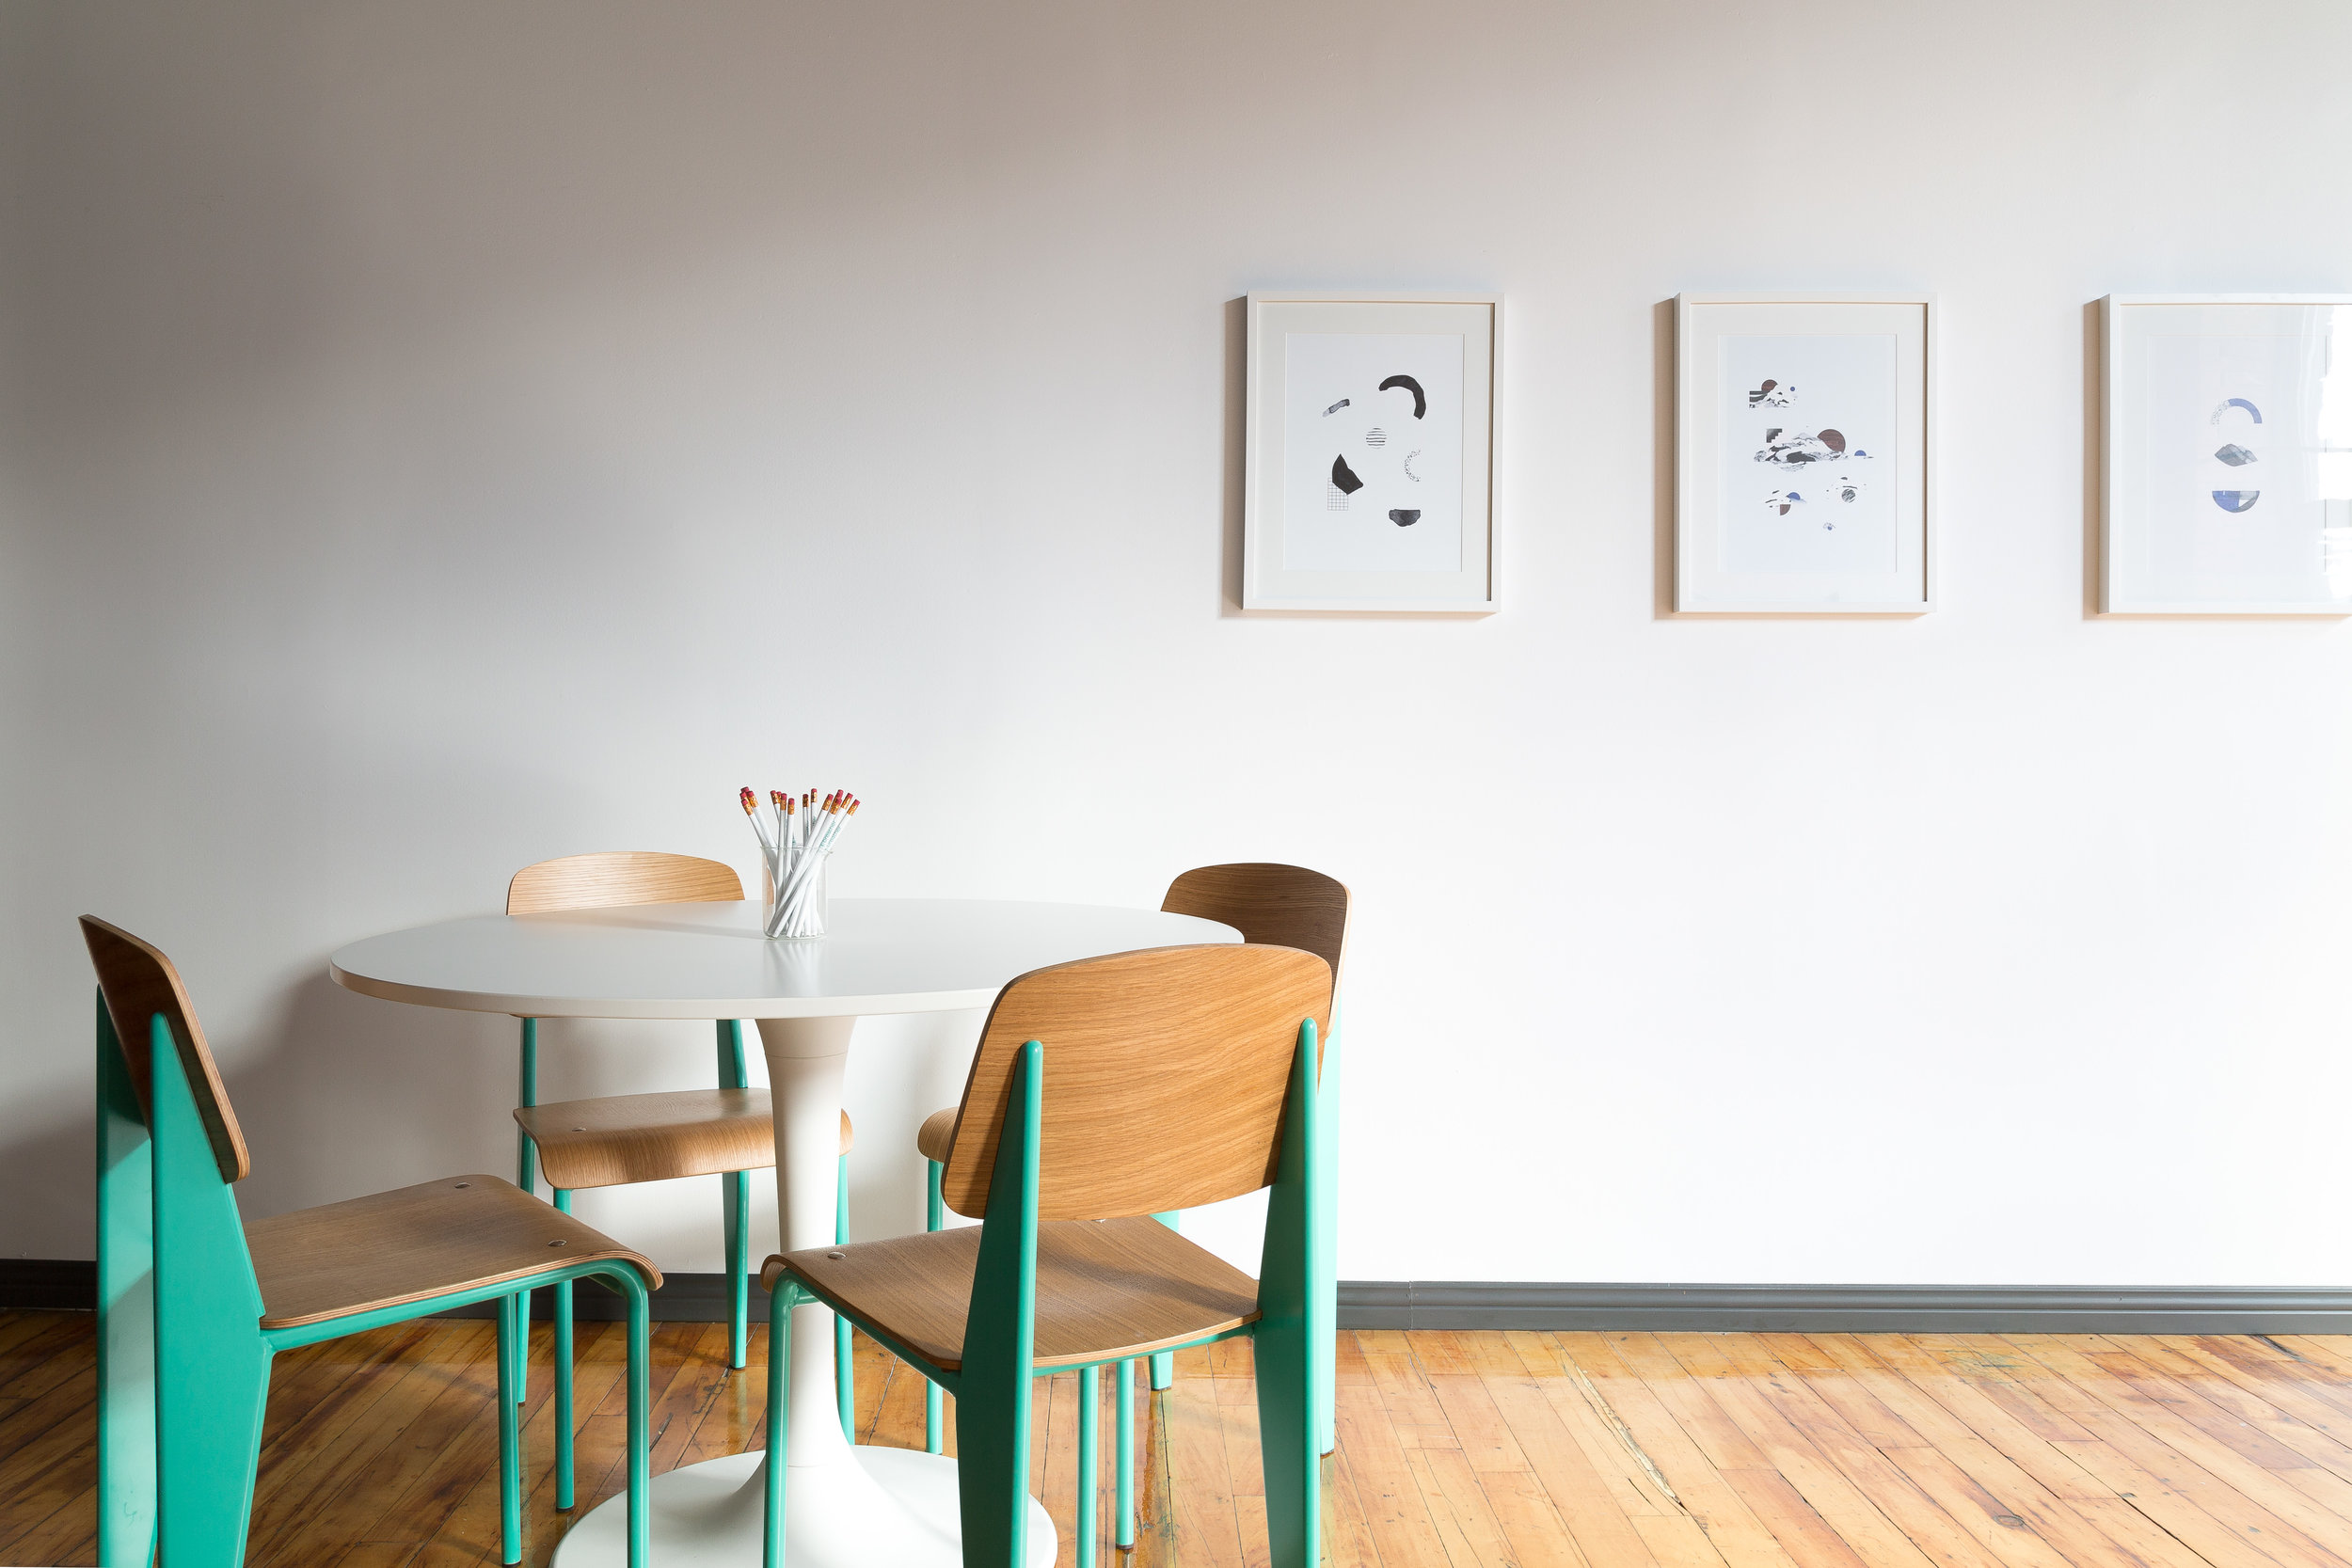 Duvarlarda koyu renk nasıl kullanılır